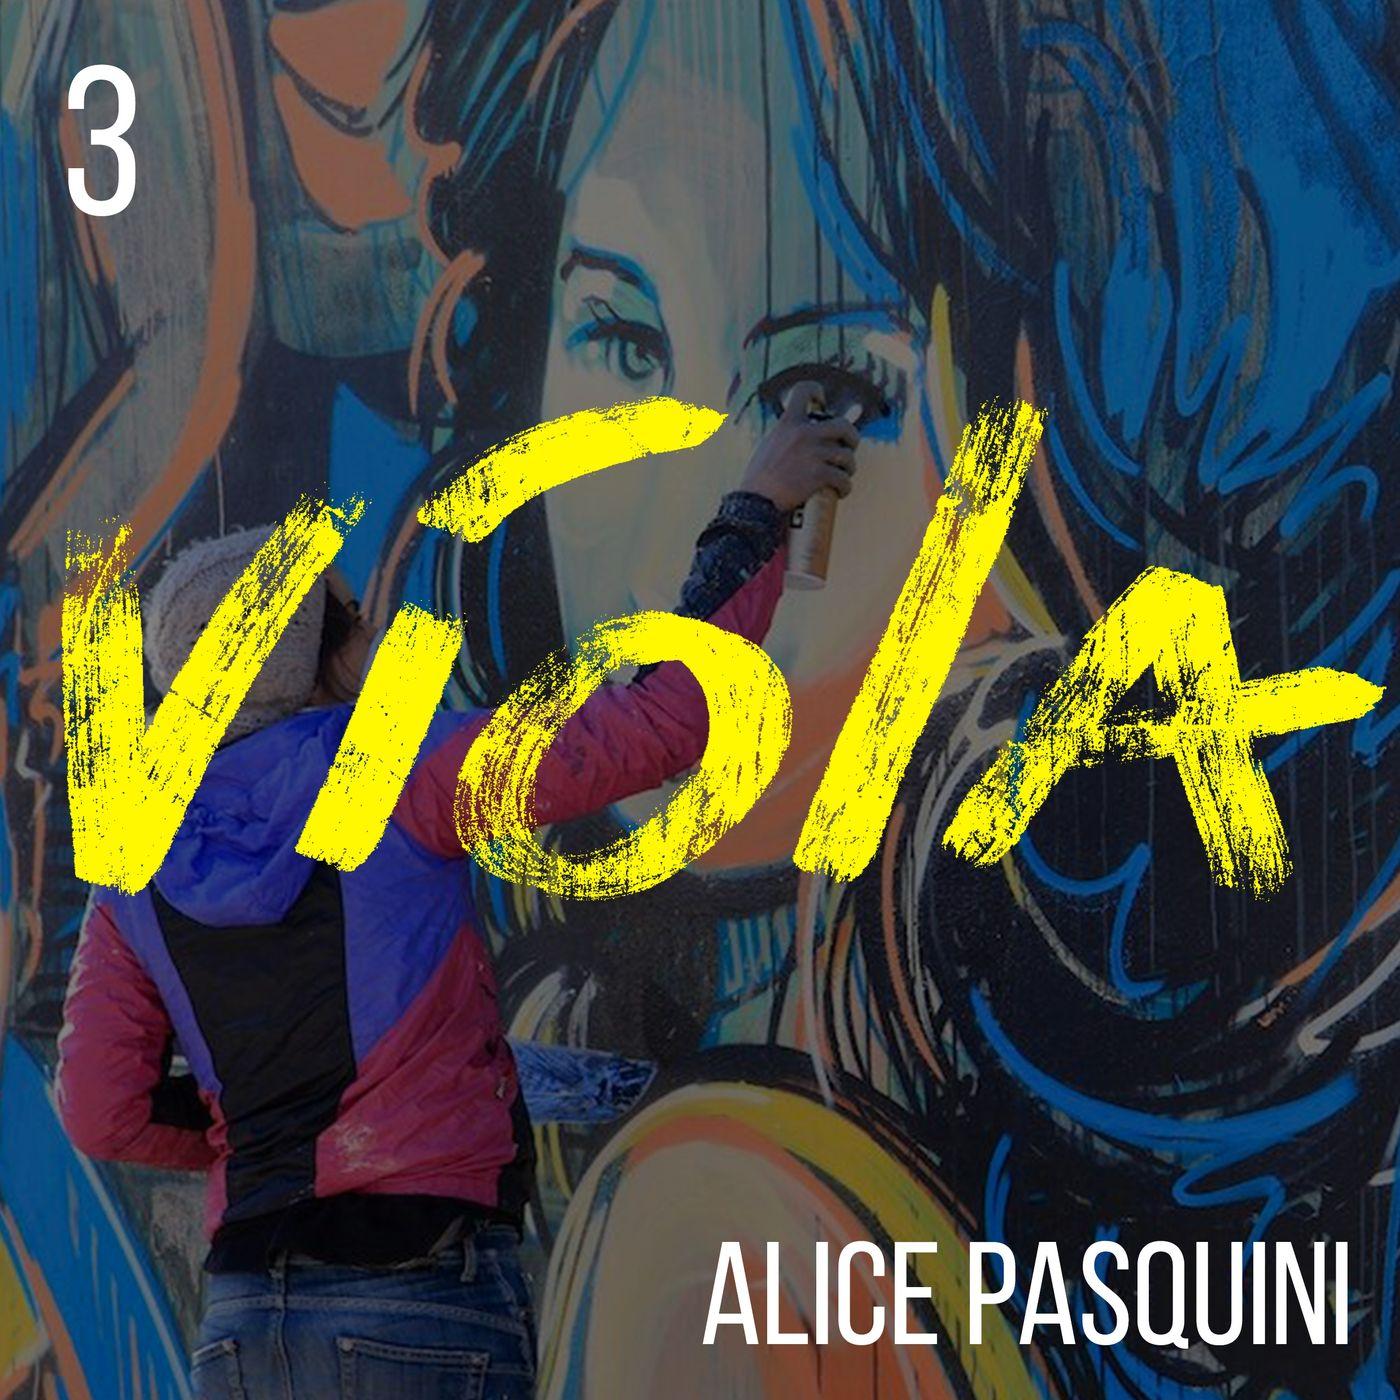 Alice Pasquini - Essere unici costa fatica   3